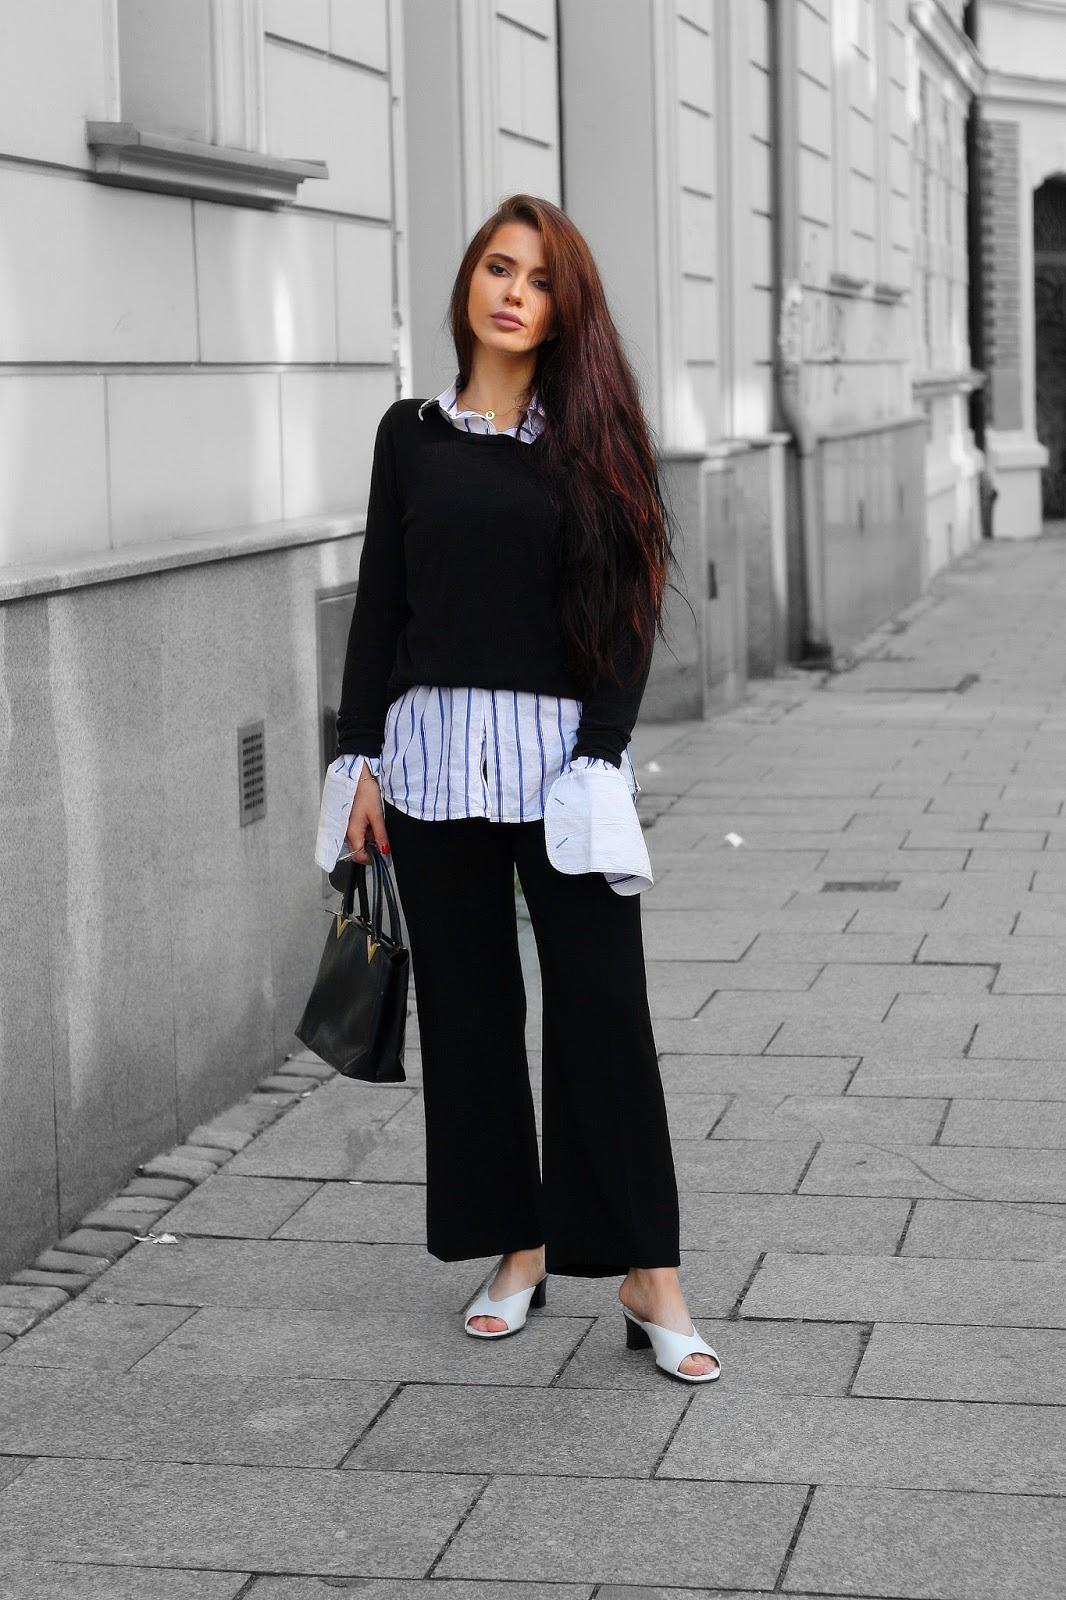 jesienna stylizacja, autumn outfit, hello autumn, stylizacje 2017